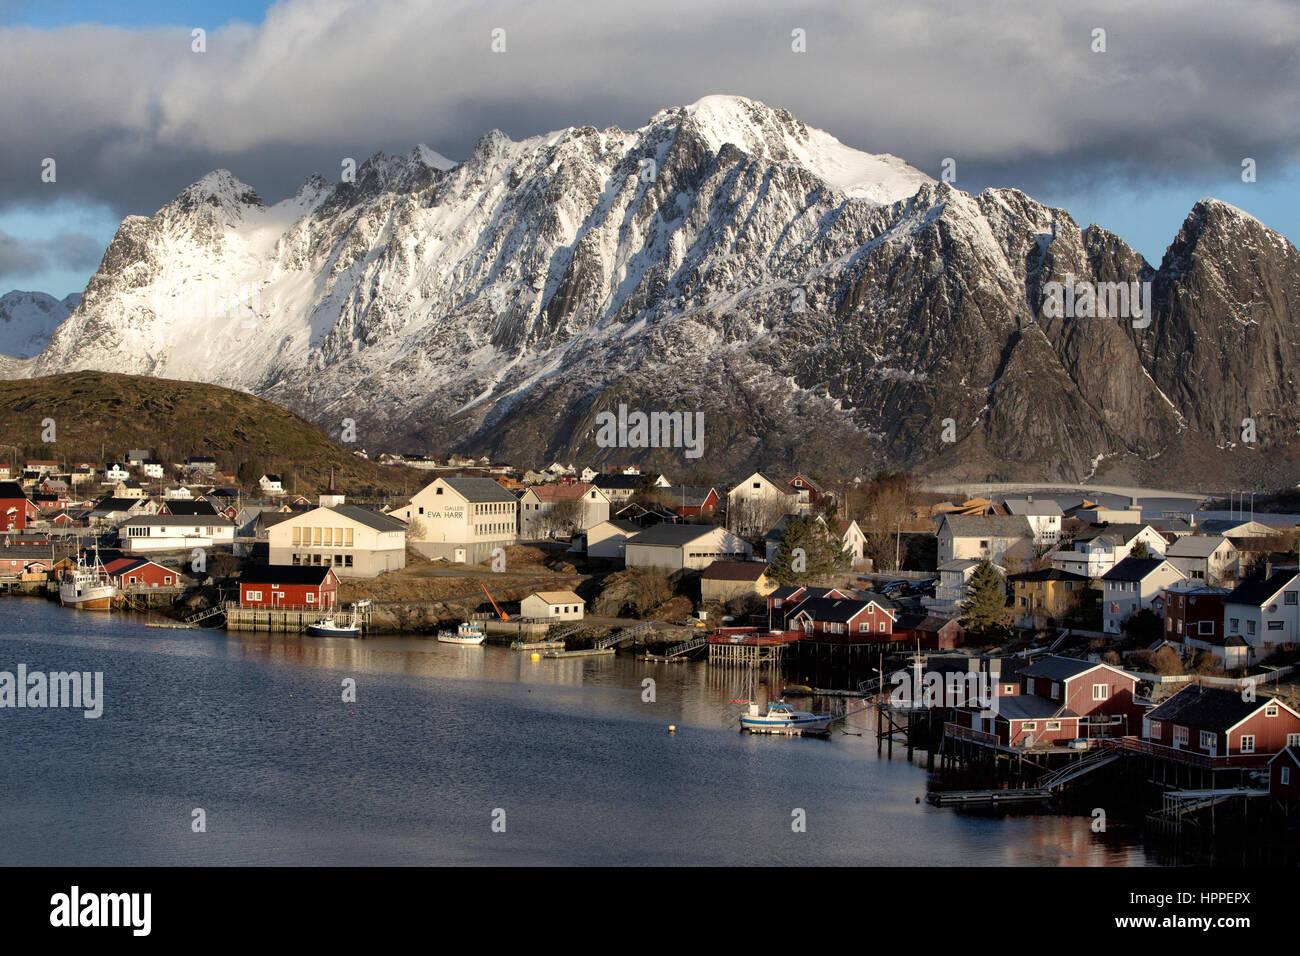 Reine town, winter, Lofoten Islands, Norway, Scandinavia, Europe - Stock Image